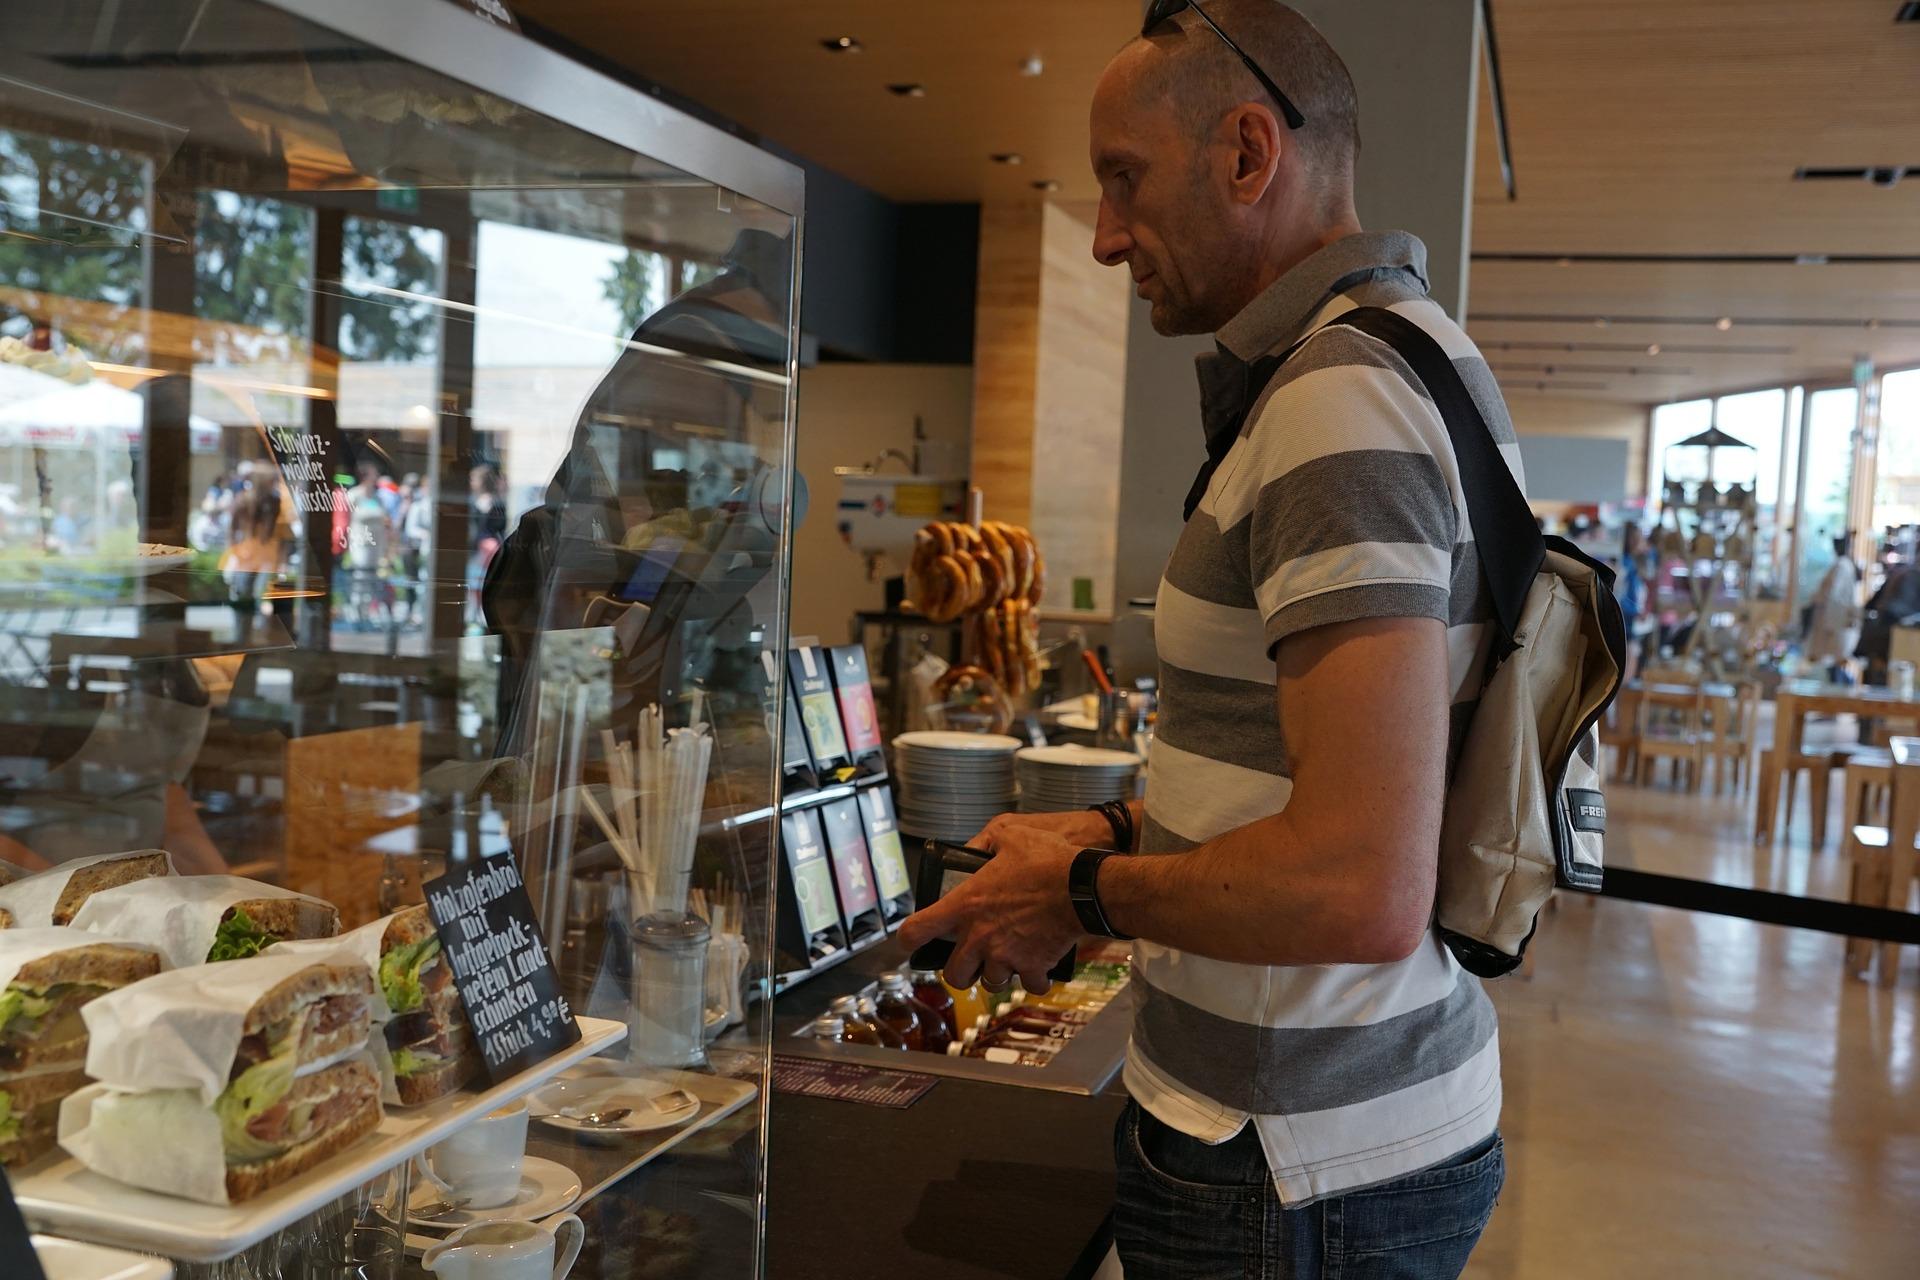 Vemos um homem em frente a um balcão de padaria enquanto olha para os produtos ali expostos (imagem ilustrativa).